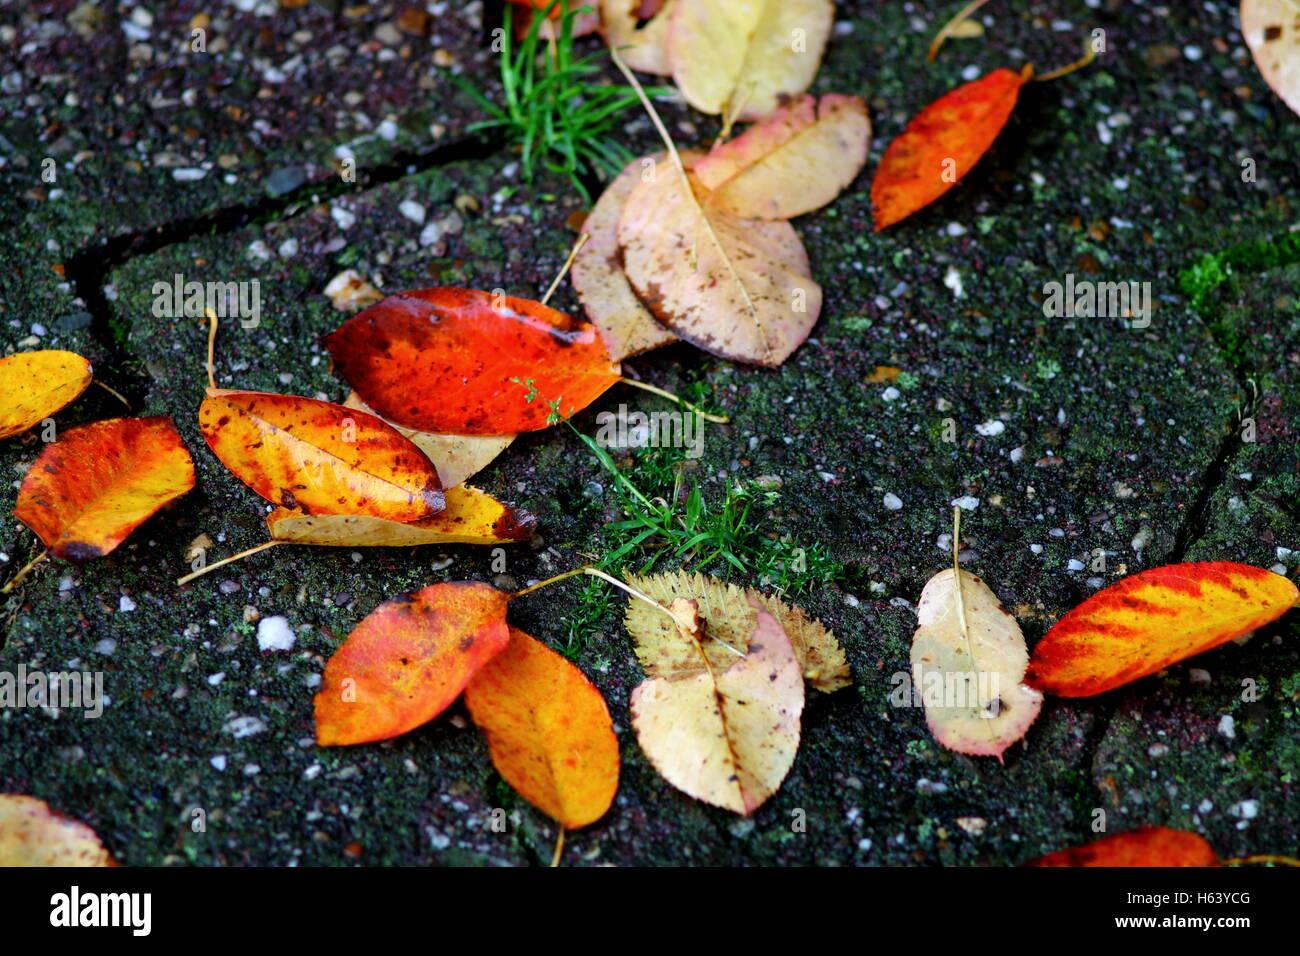 Caduta foglie rosse sul pavimento di asfalto bagnato dopo la pioggia.  Immagini Stock cf252ffd5d1